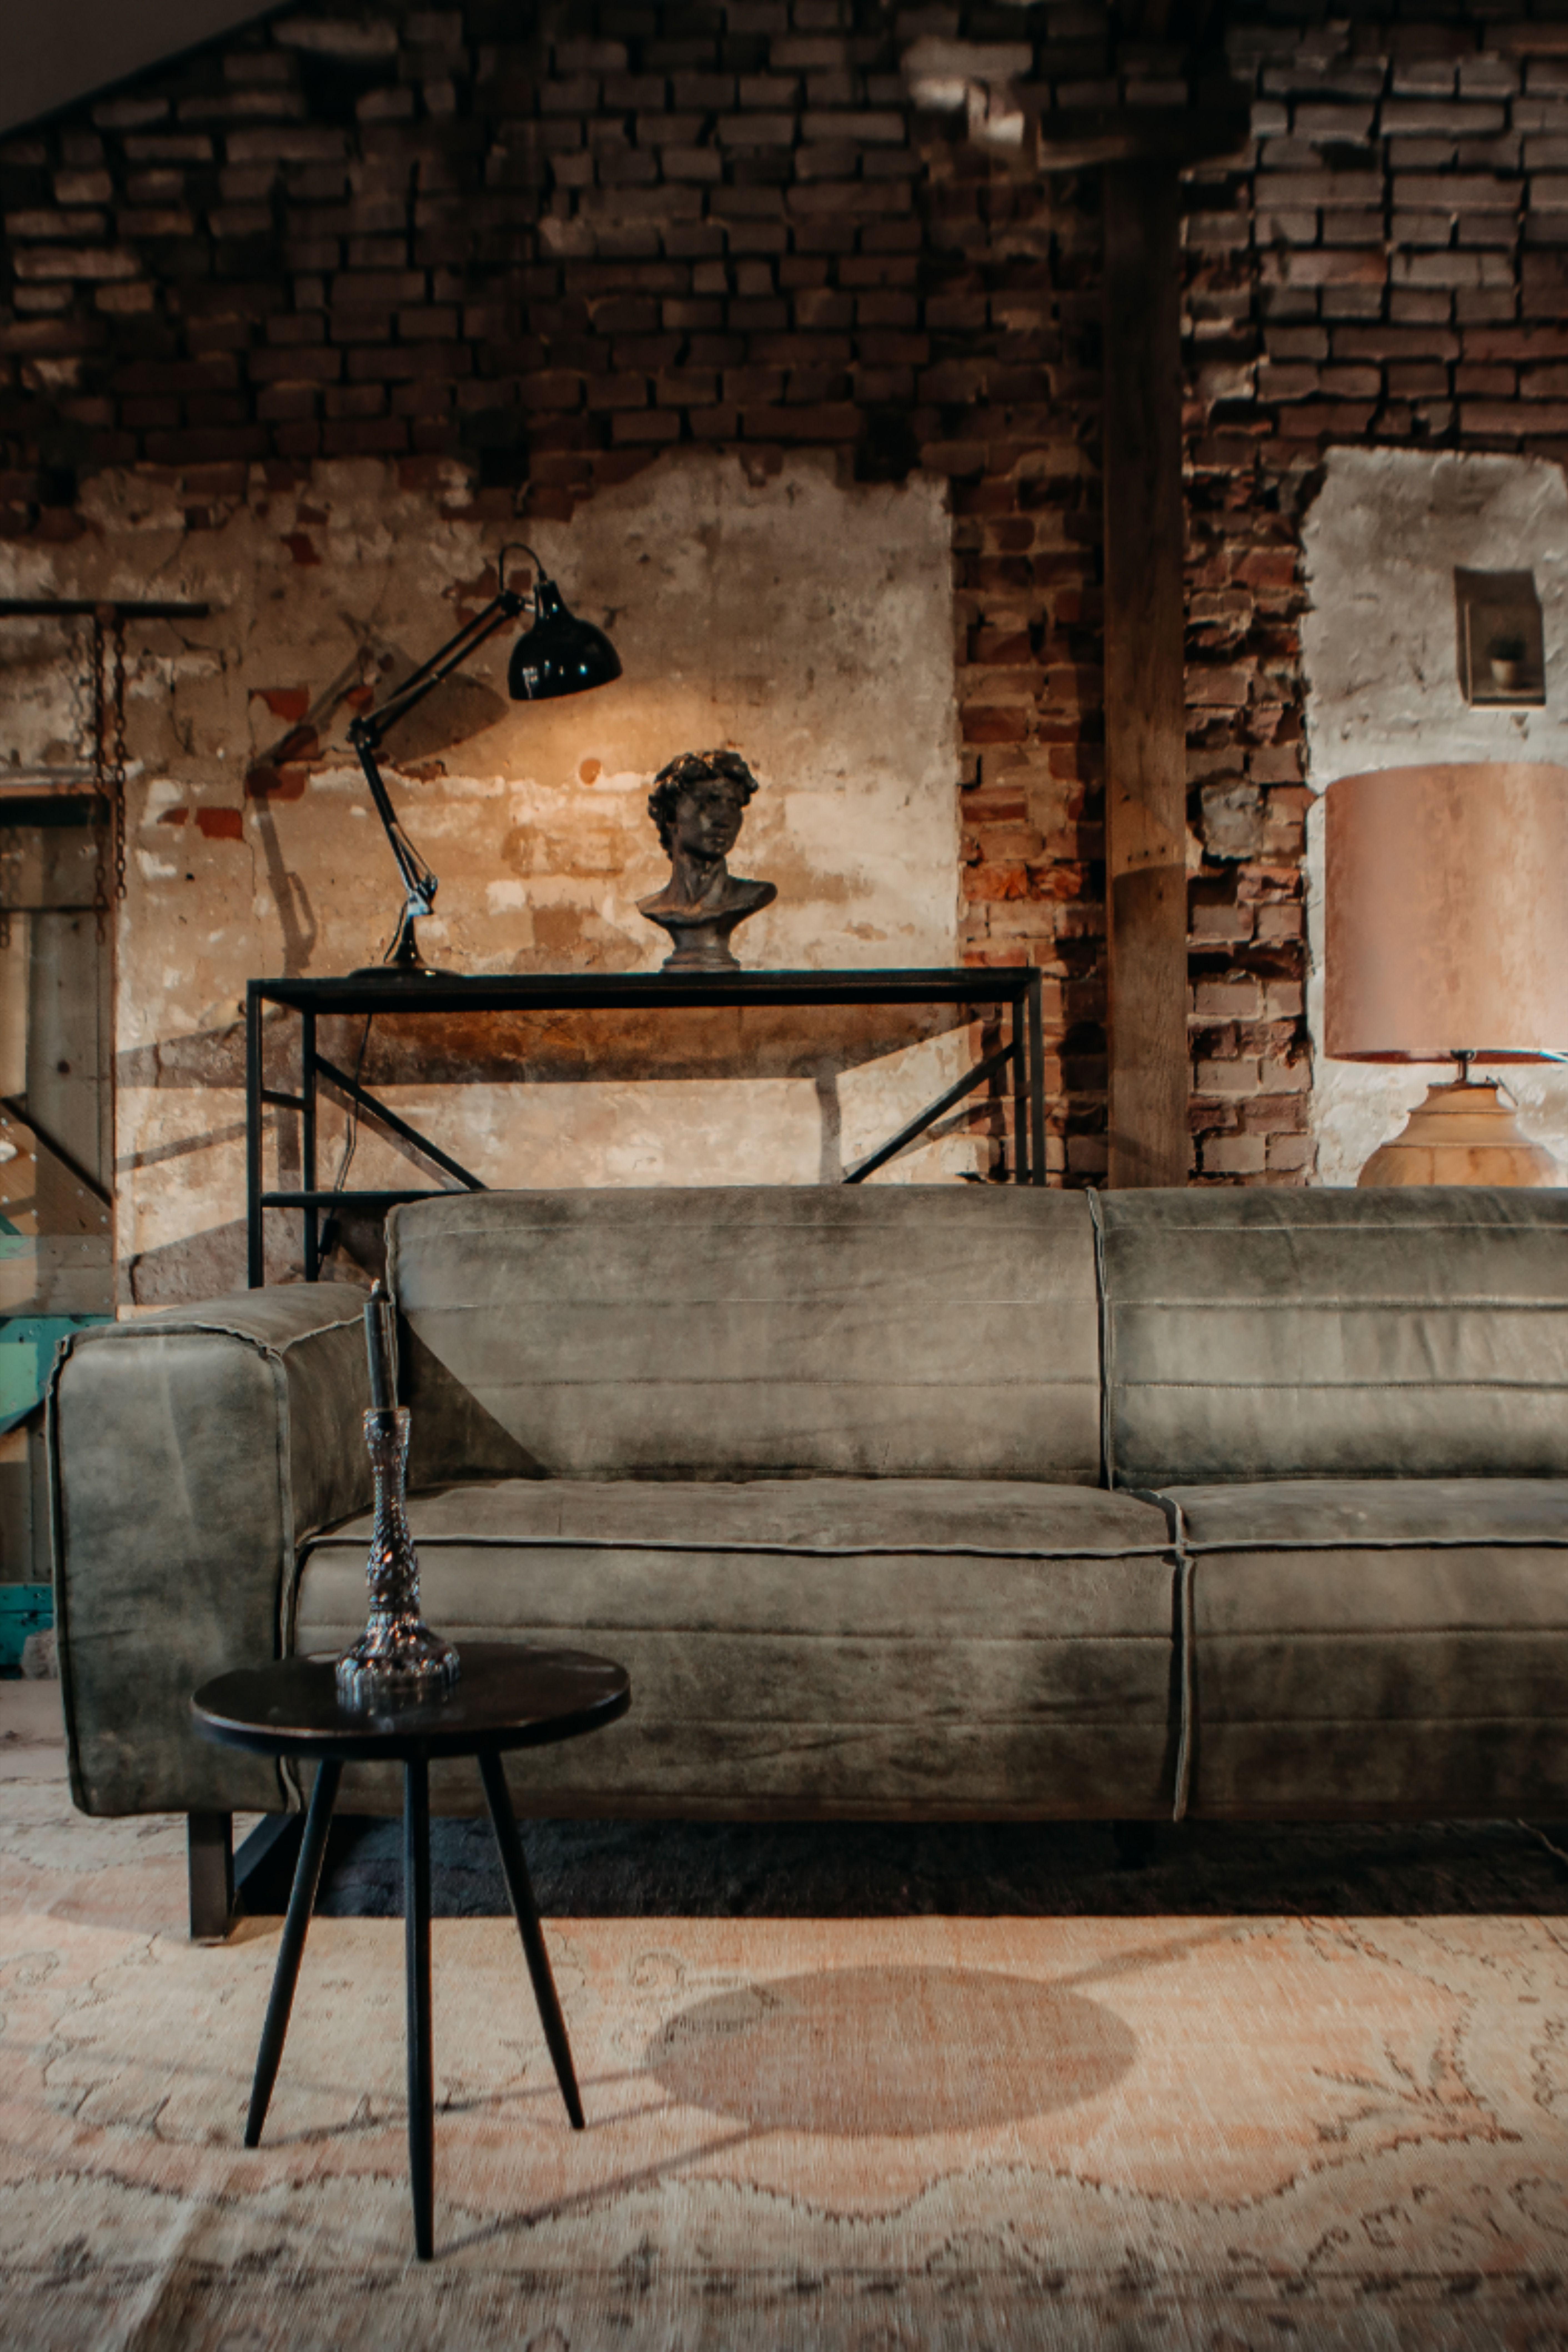 #wohnzimmer #industriemöbel #industrialdesign #industrialfurniture #industrialliving #ledersofa